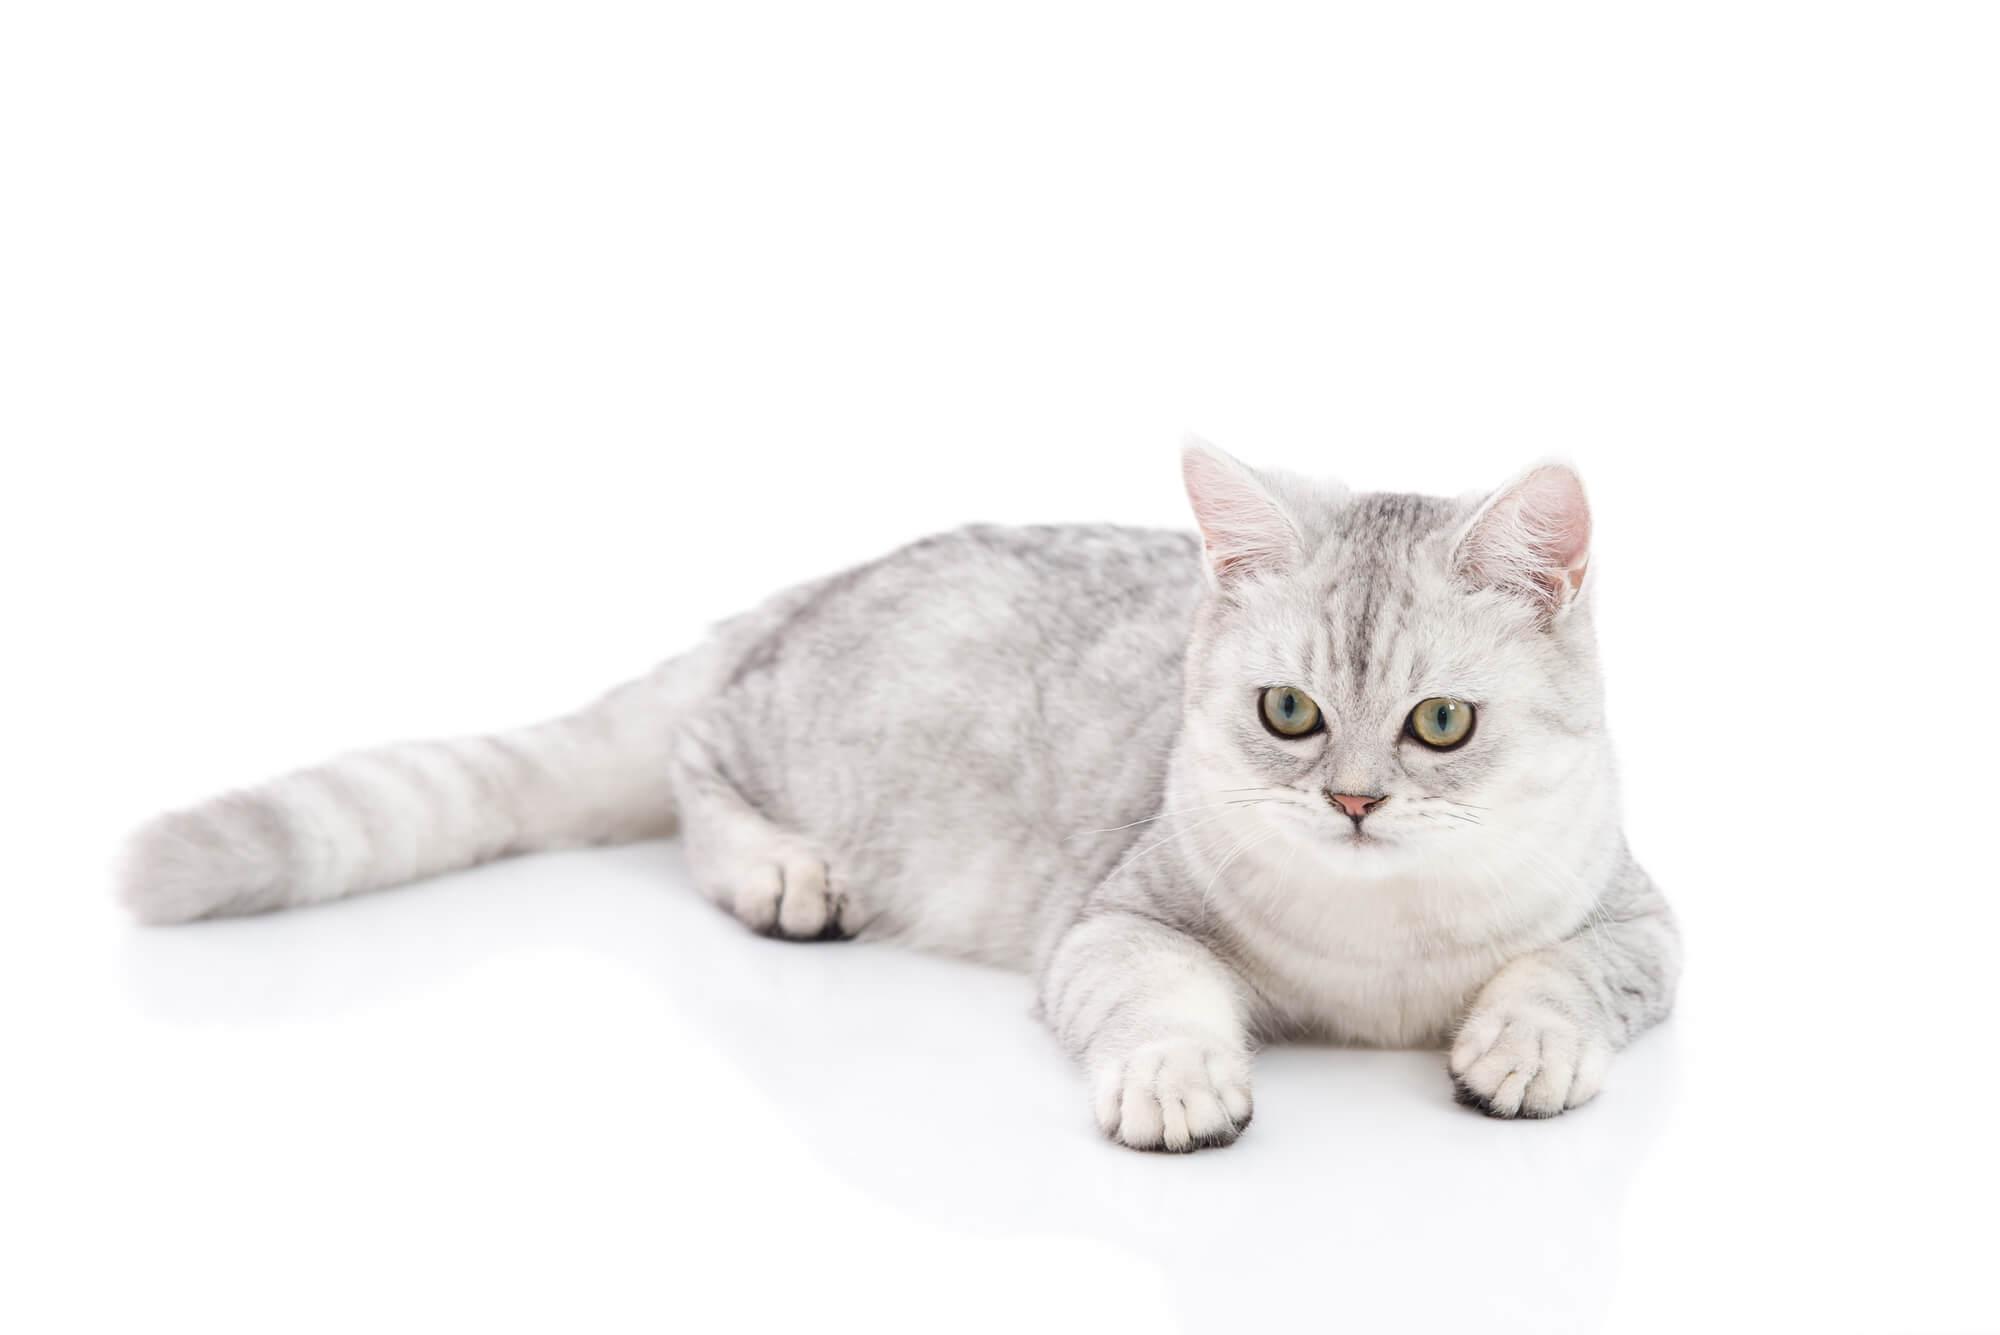 トイレ砂を食べてしまった猫